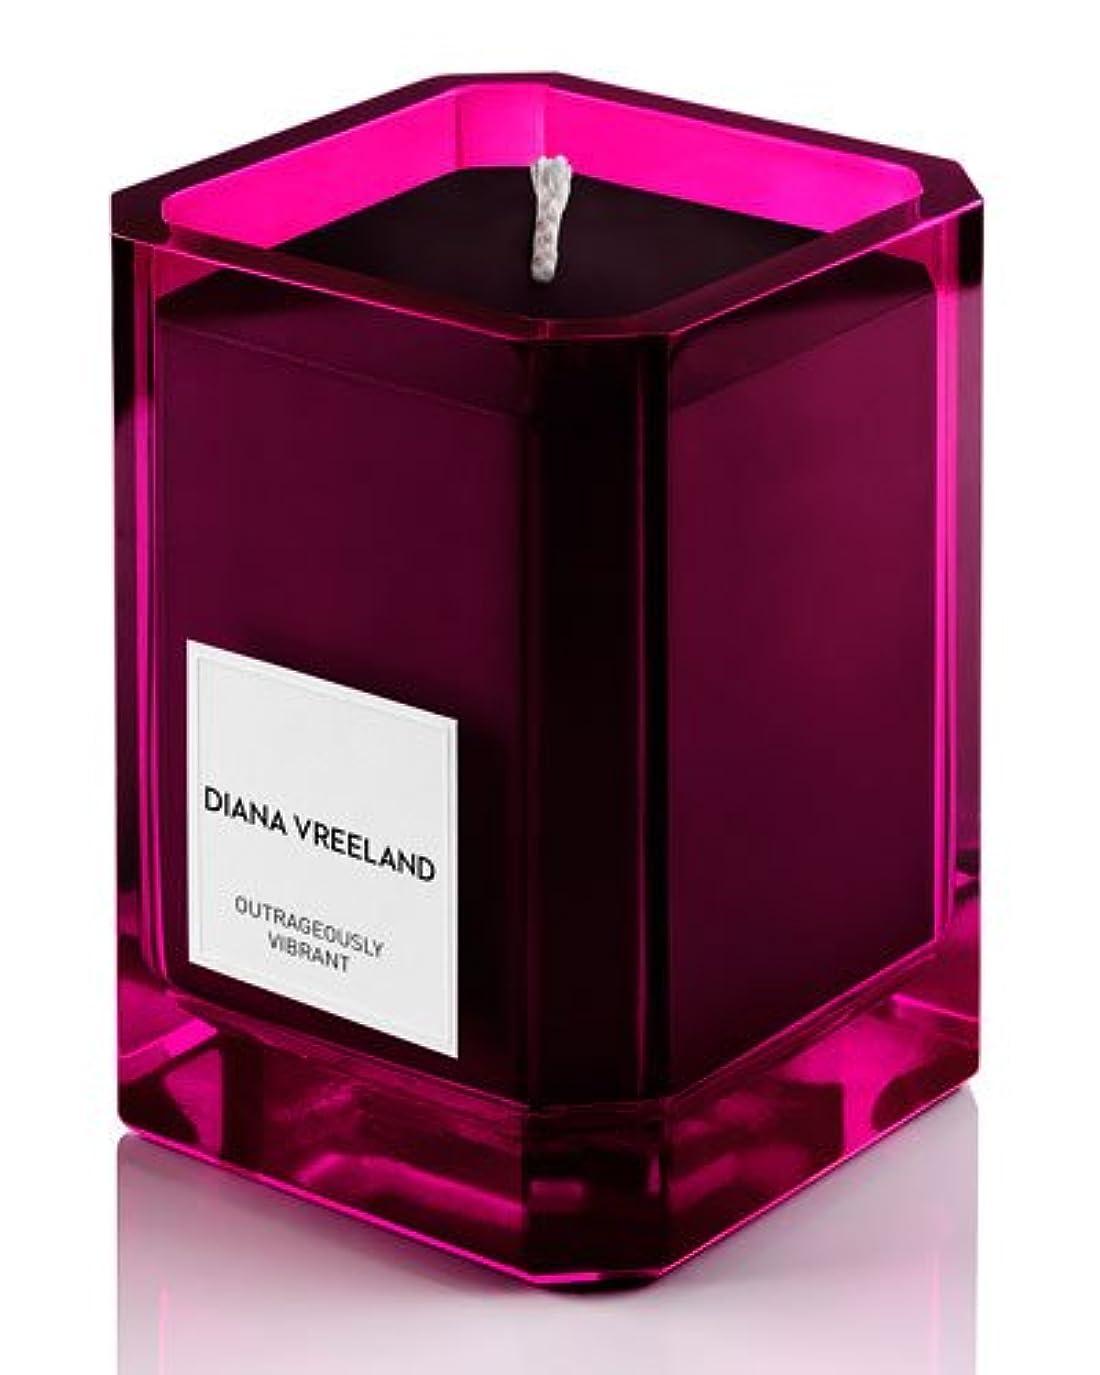 打ち上げる大陸均等にDiana Vreeland Outrageously Vibrant(ダイアナ ヴリーランド アウトレイジャスリー ヴィブラント)9.7 oz (291ml) Candle(香り付きキャンドル)